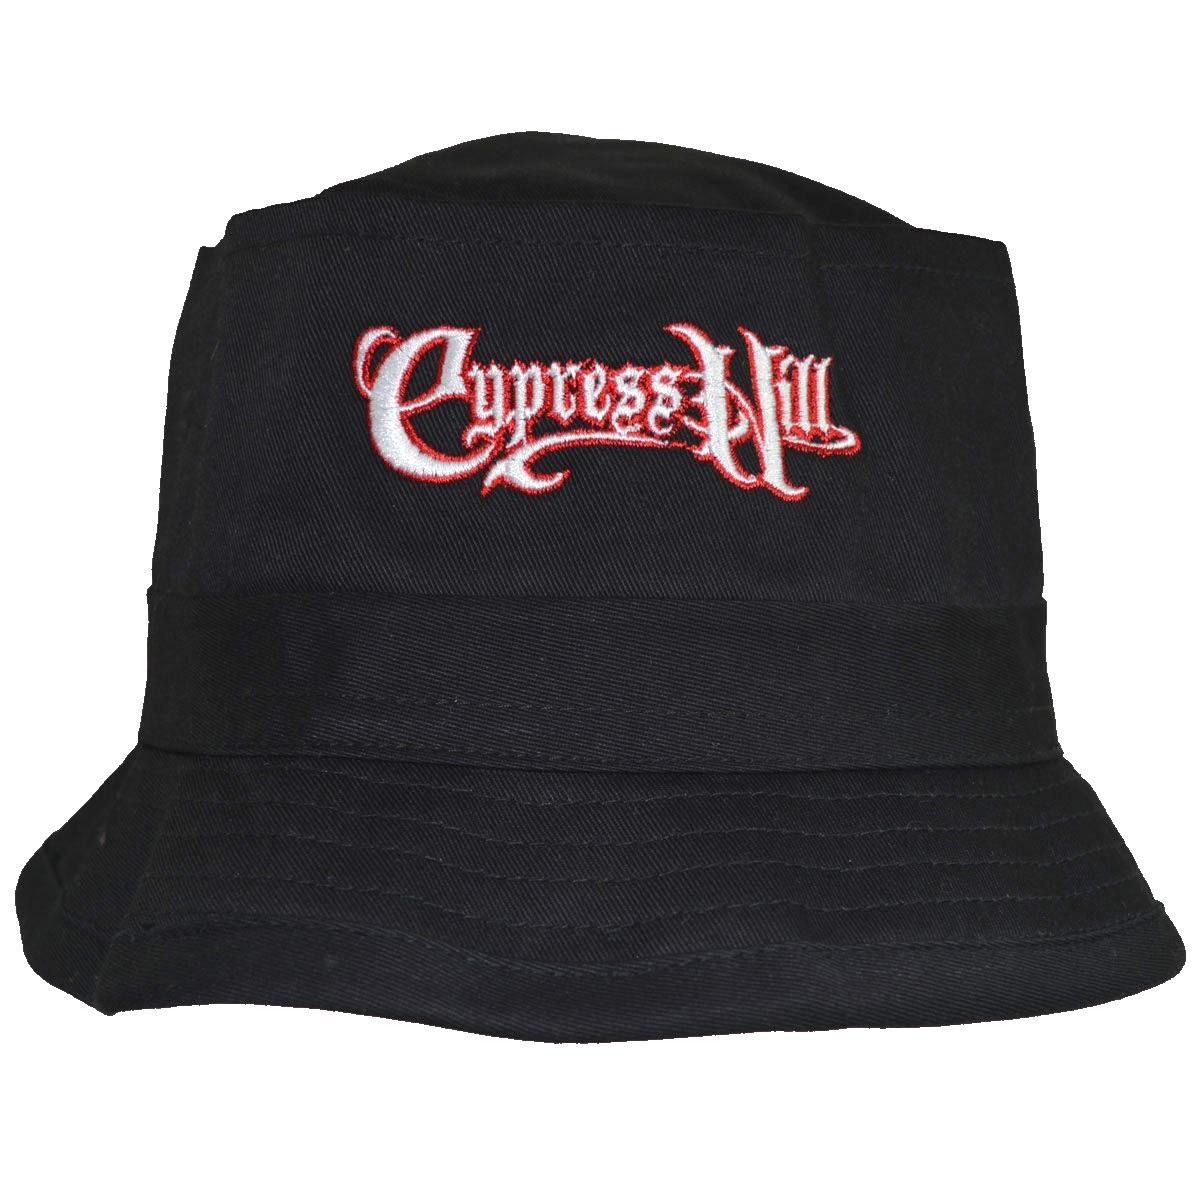 Cypress hill script logo cypres hat jpg 1200x1200 Cypress hill cap 8100e7ffc9af